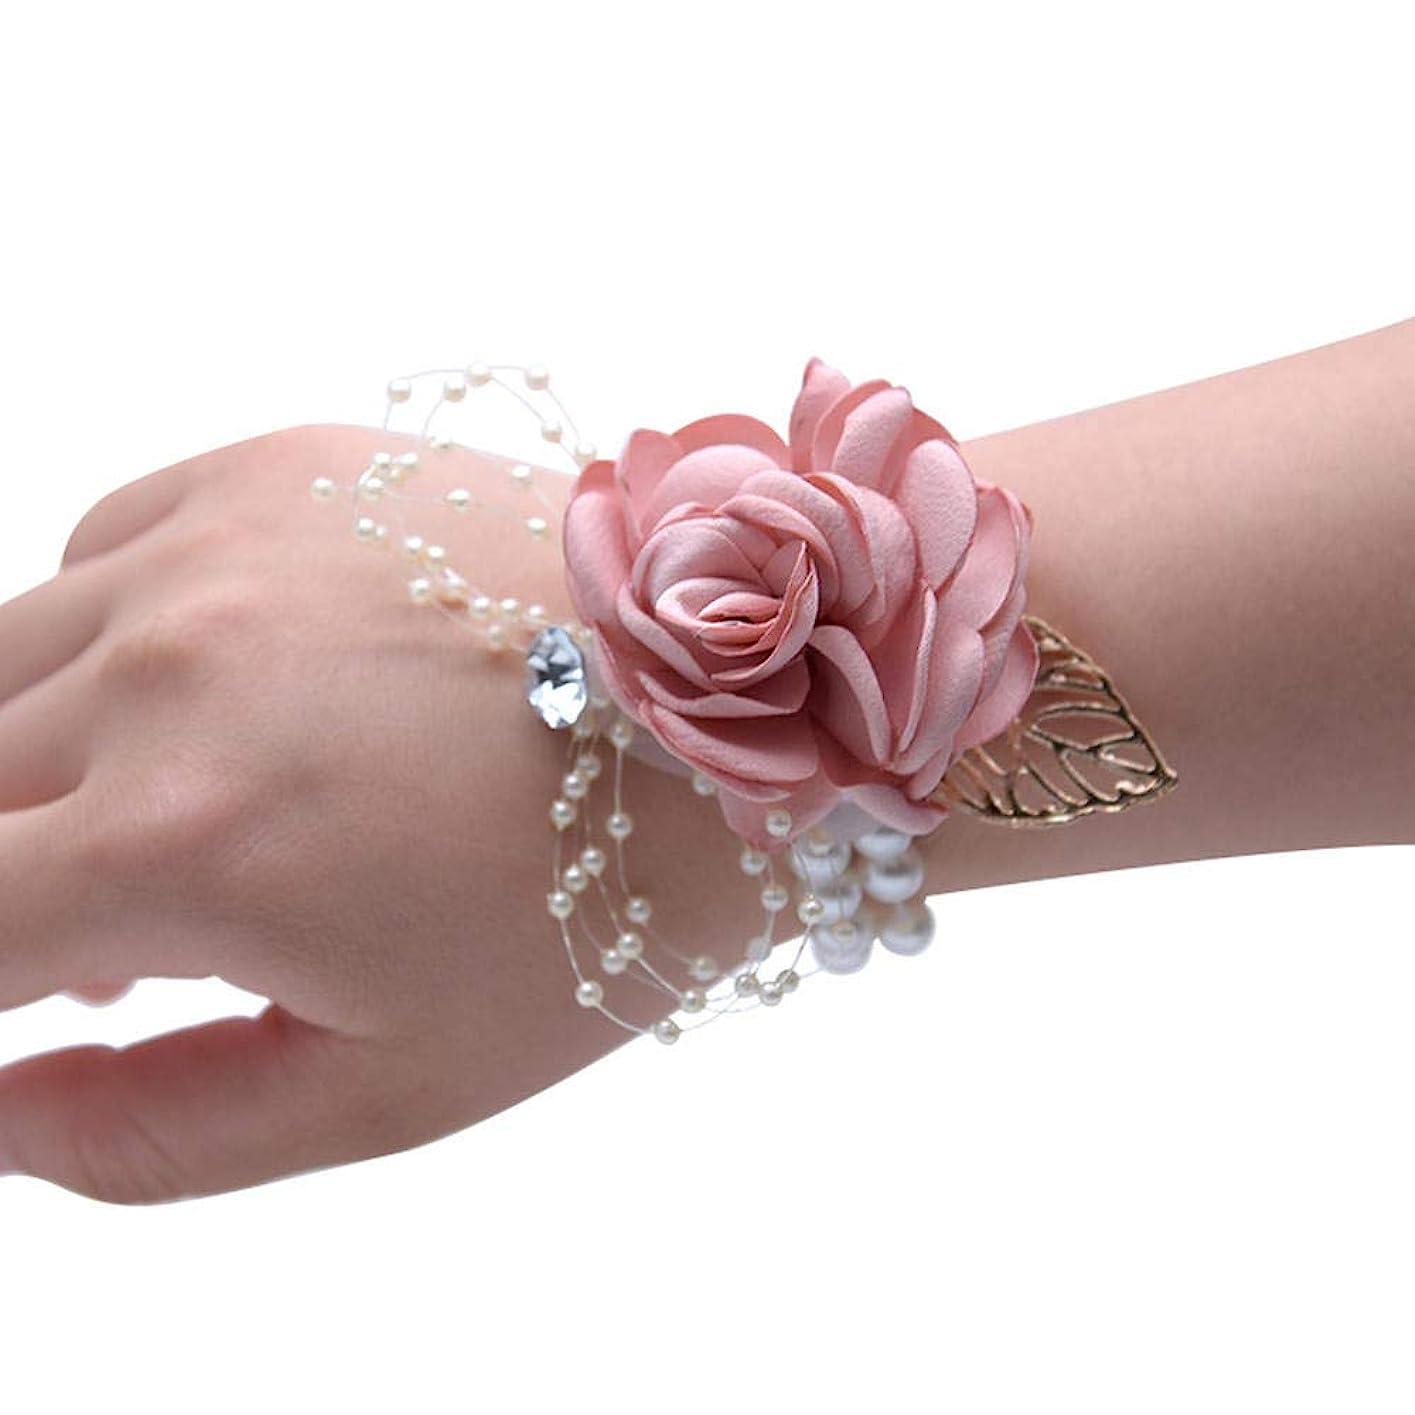 キャベツ思慮のないオプショナルMerssavo 手首の花 - 女の子チャーム手首コサージュブレスレット花嫁介添人姉妹の手の花のどの真珠の結婚式、ピンク